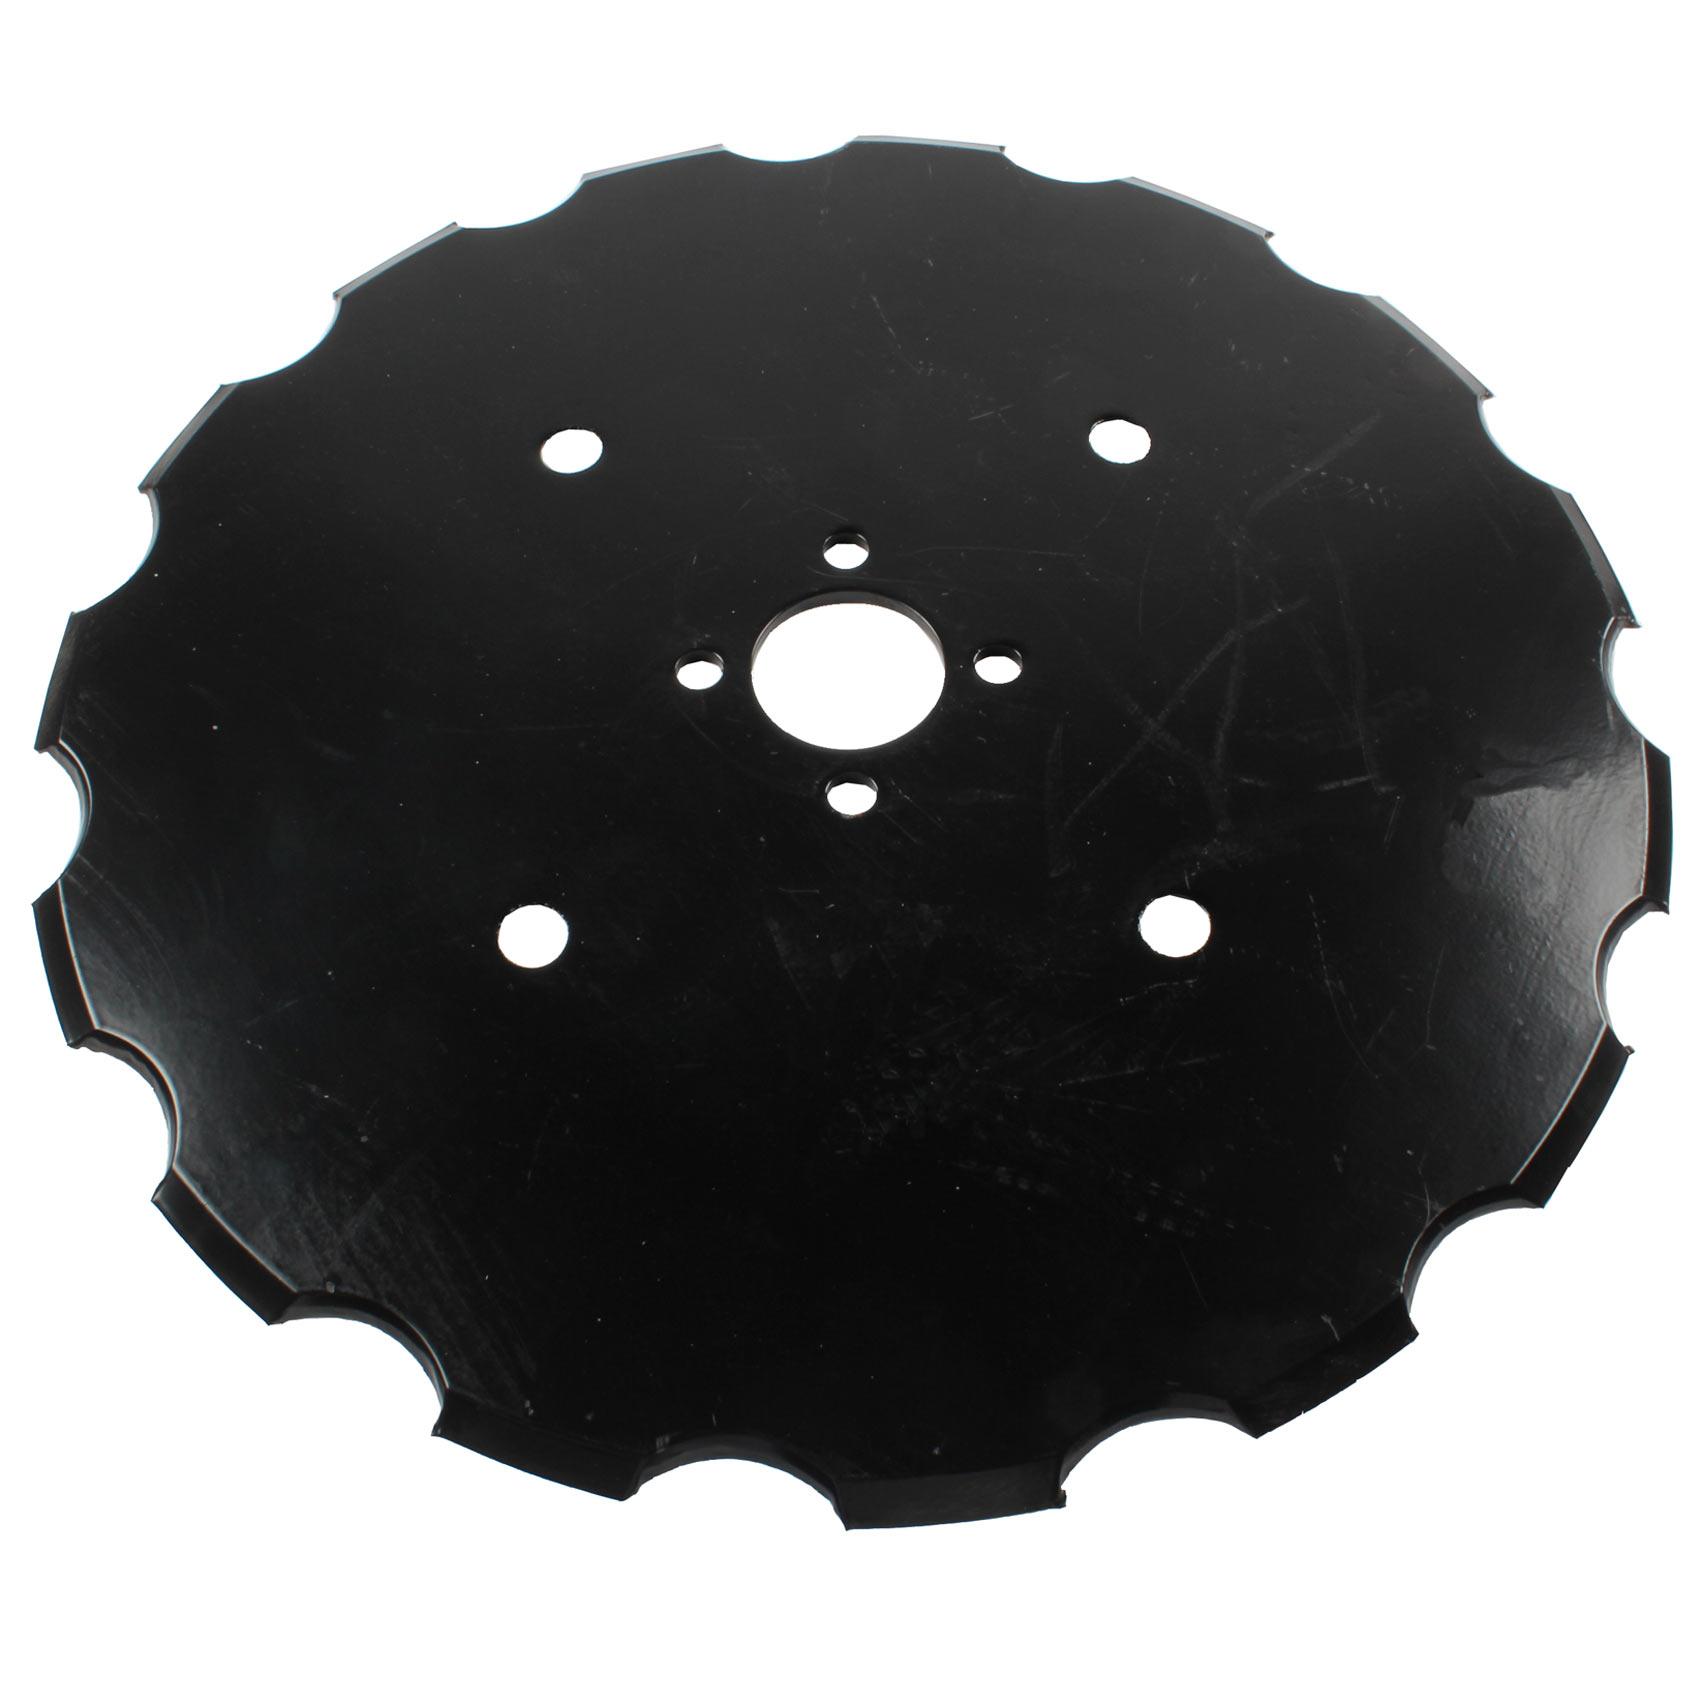 Disque semeur crénelé 475x6mm, G15320012, pour semoir Gaspardo Diretta